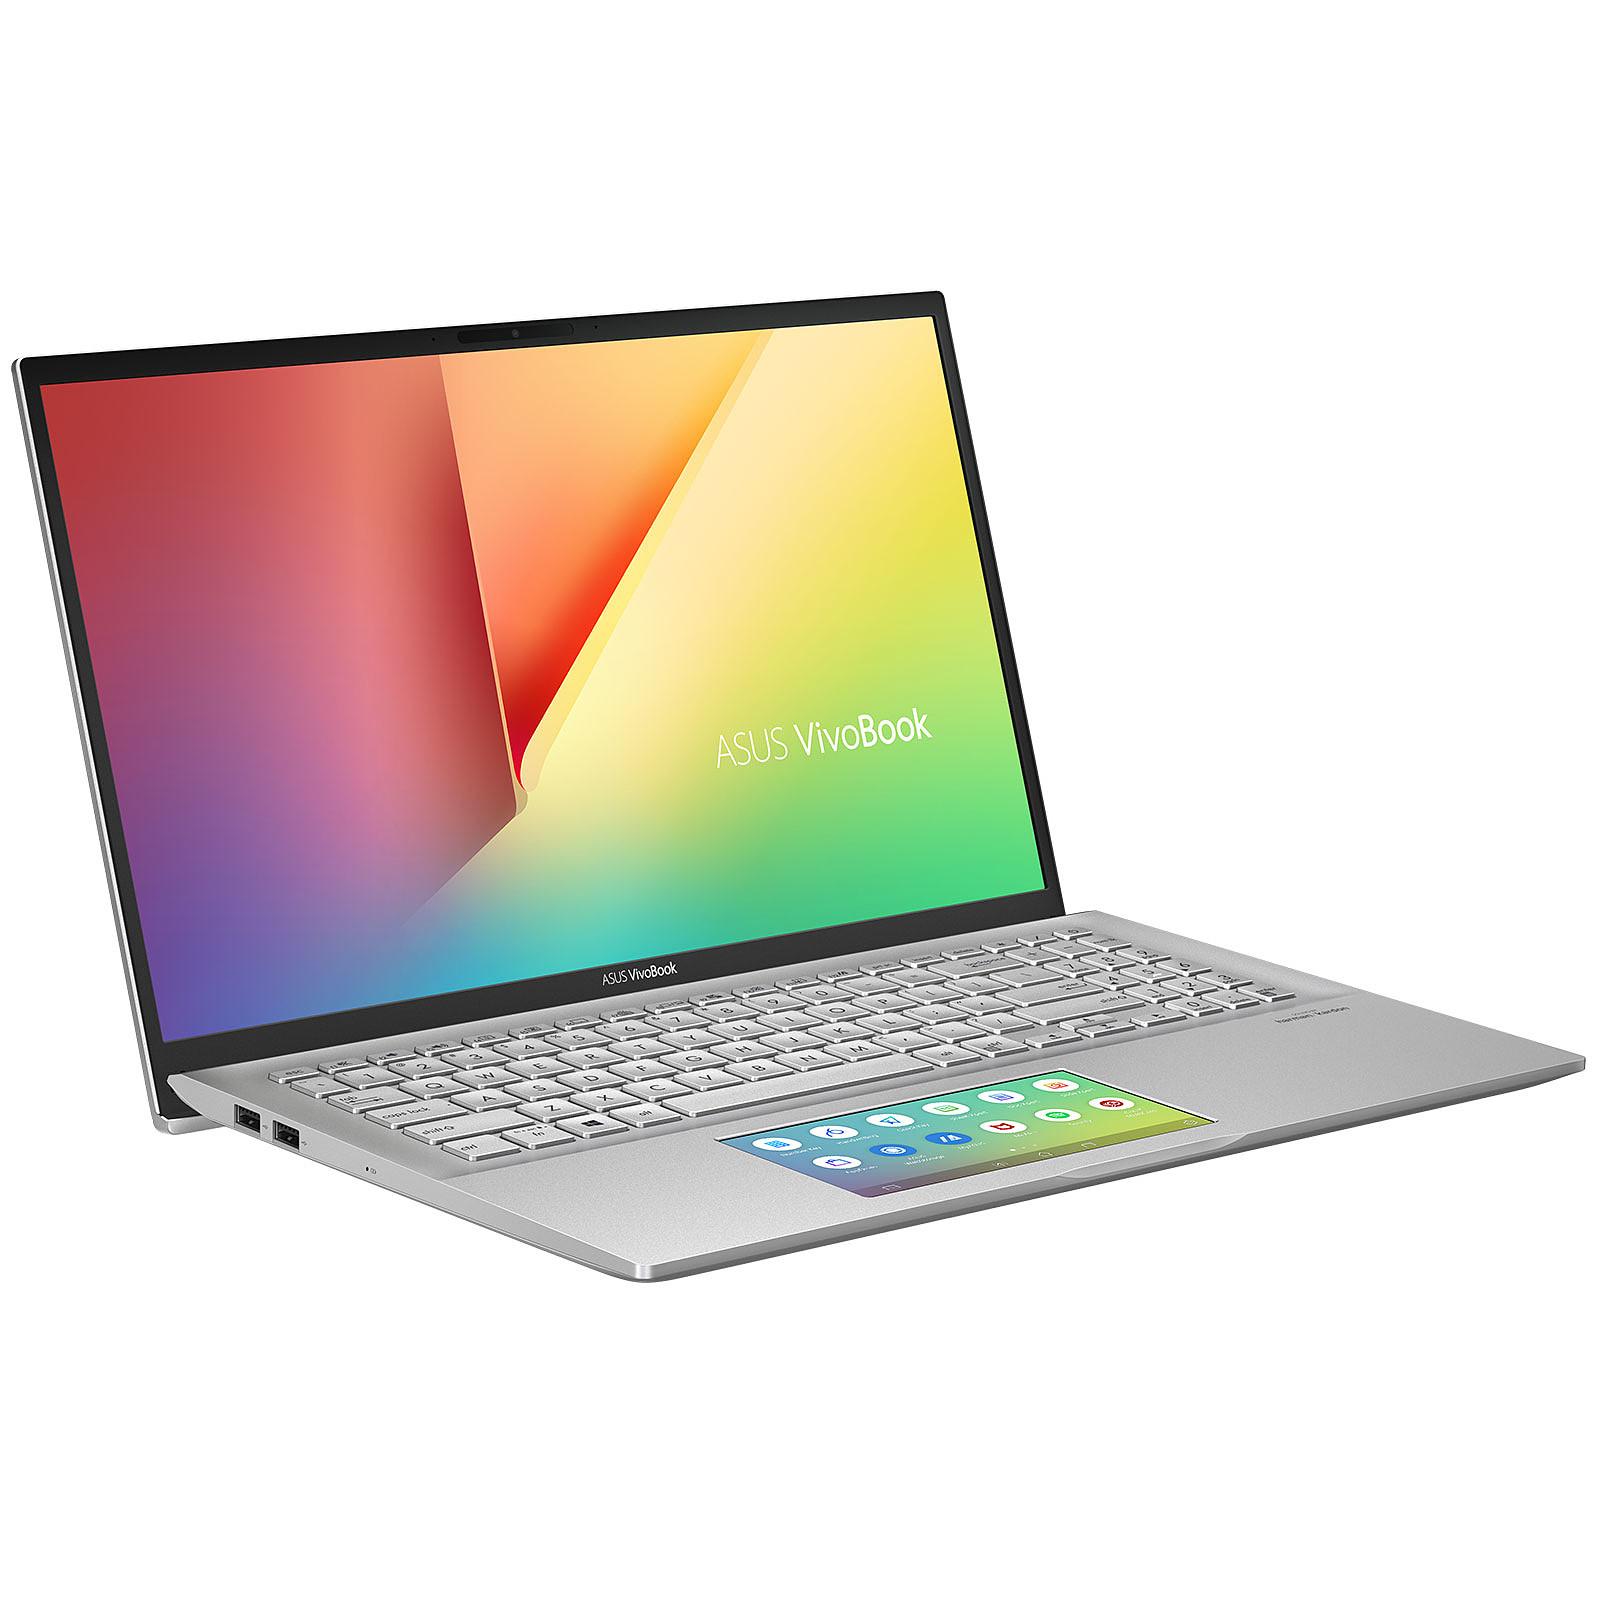 ASUS Vivobook S15 S532FA-BQ005T